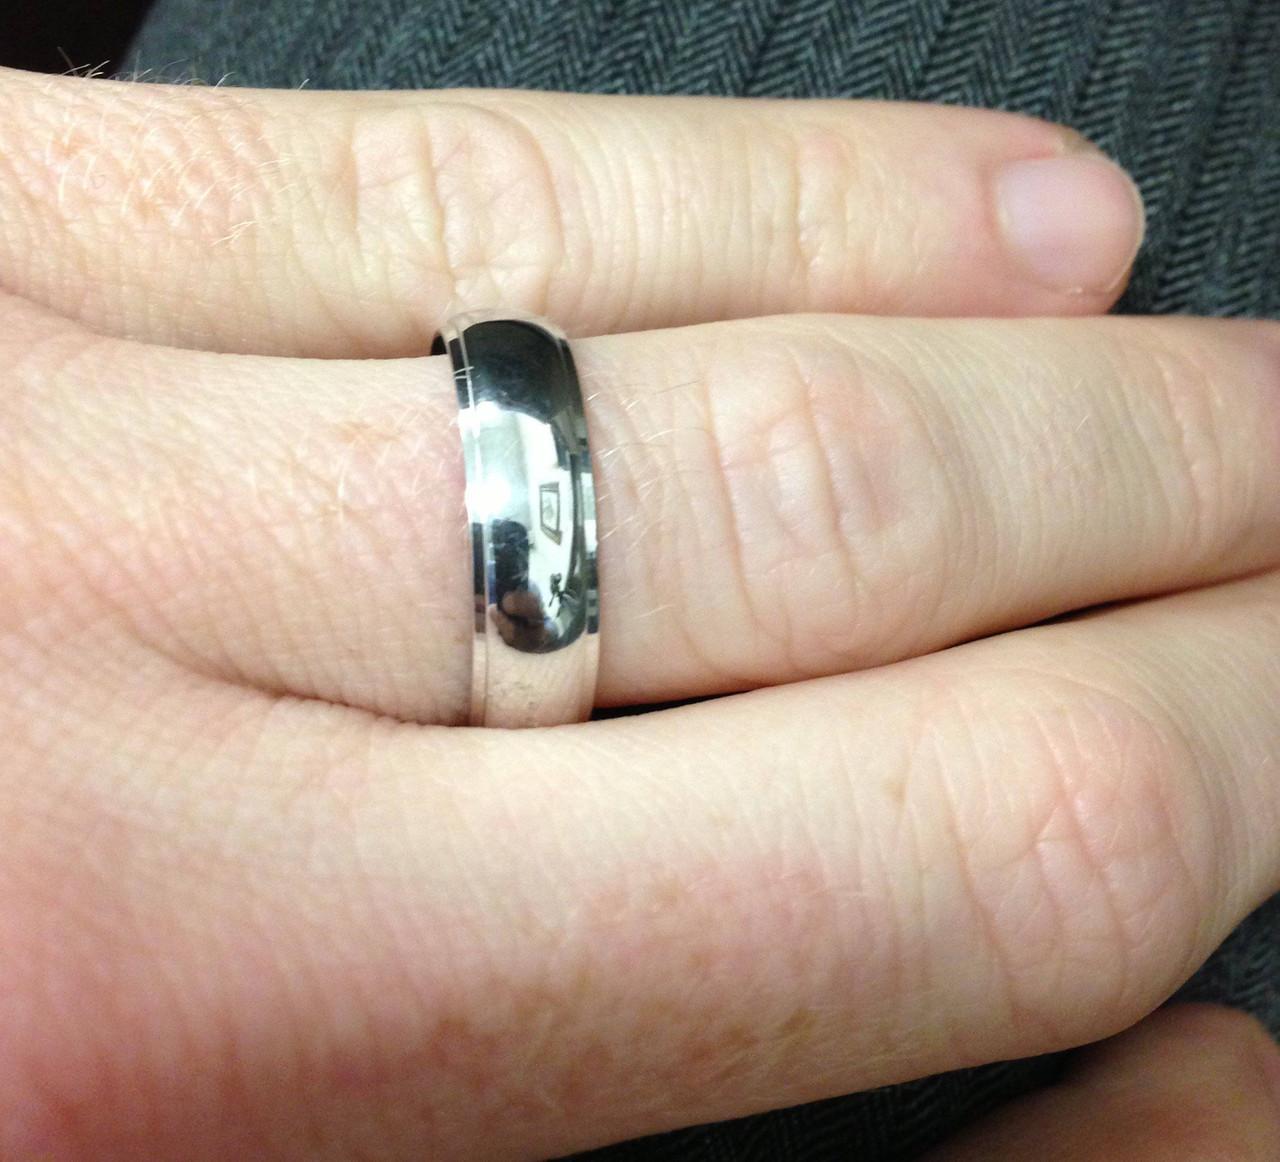 Mens Argentium Silver Comfort Fit Wedding Band. WB9993.  https   d3d71ba2asa5oz.cloudfront.net 53000589 images 1409large11. 3de1b96fb2